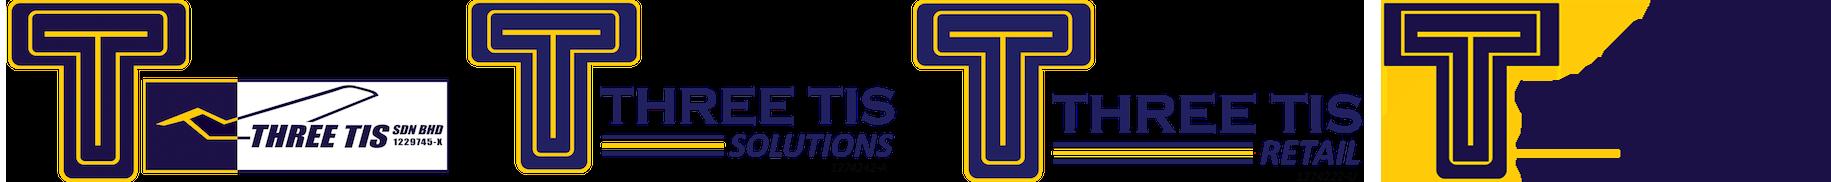 Threetis Retina Logo